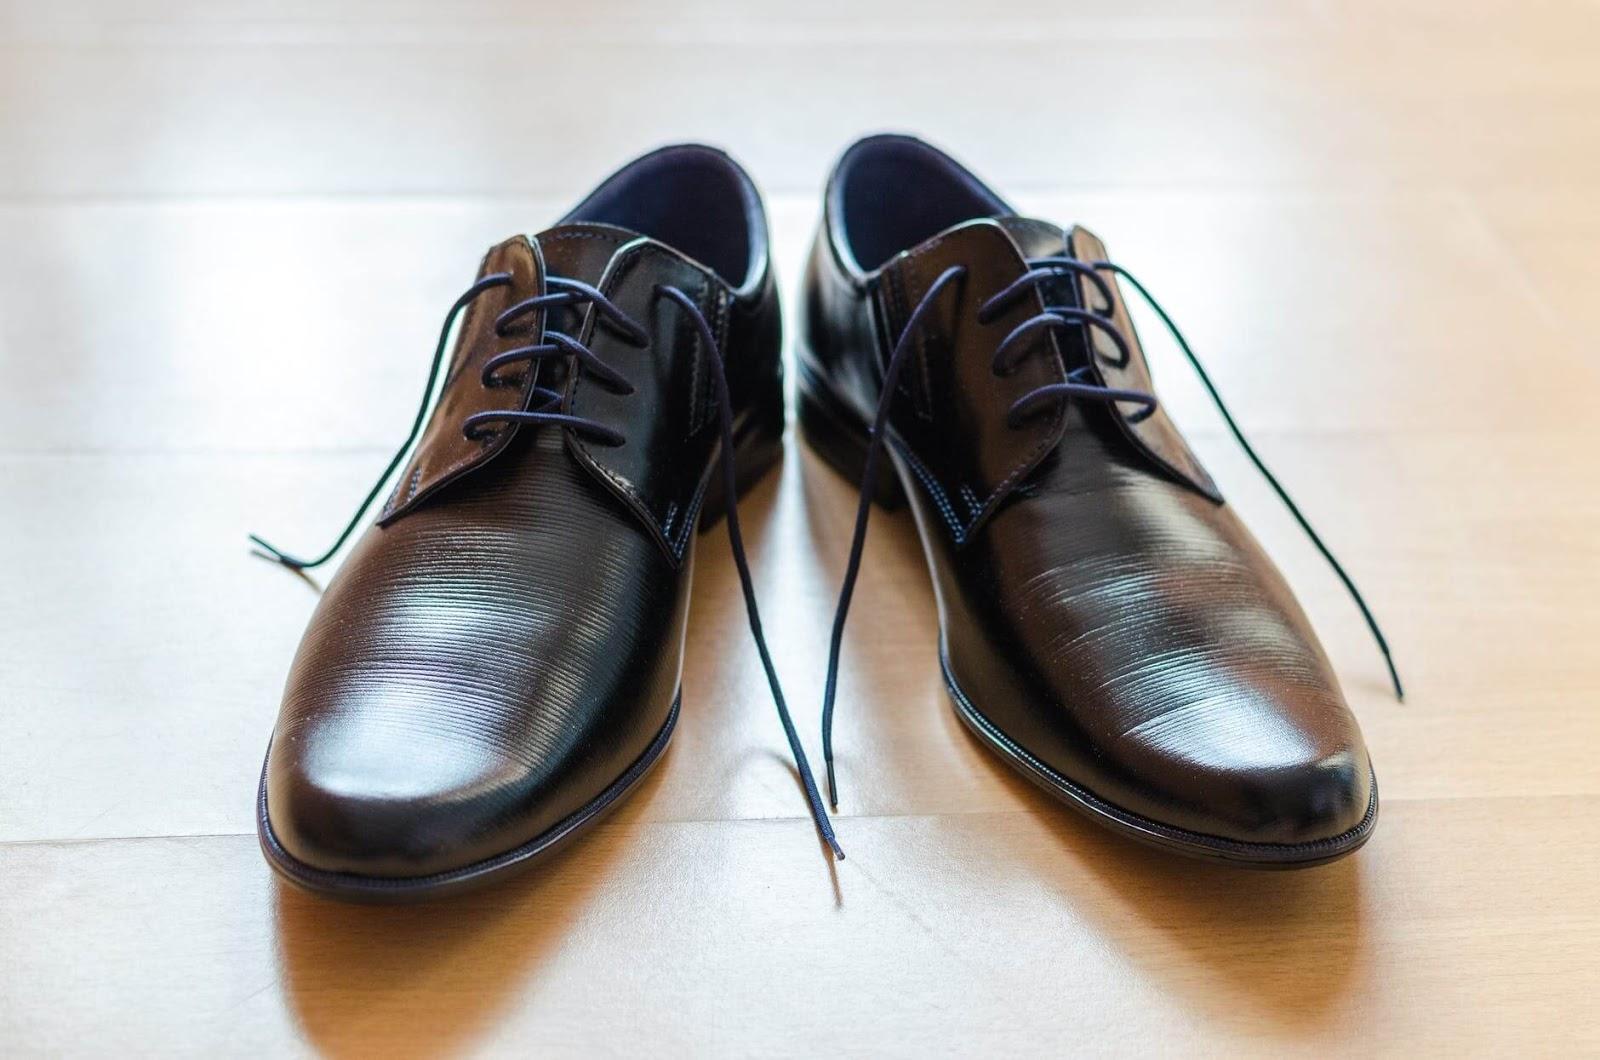 kiat-sederhana-untuk-mendisinfeksi-sepatu